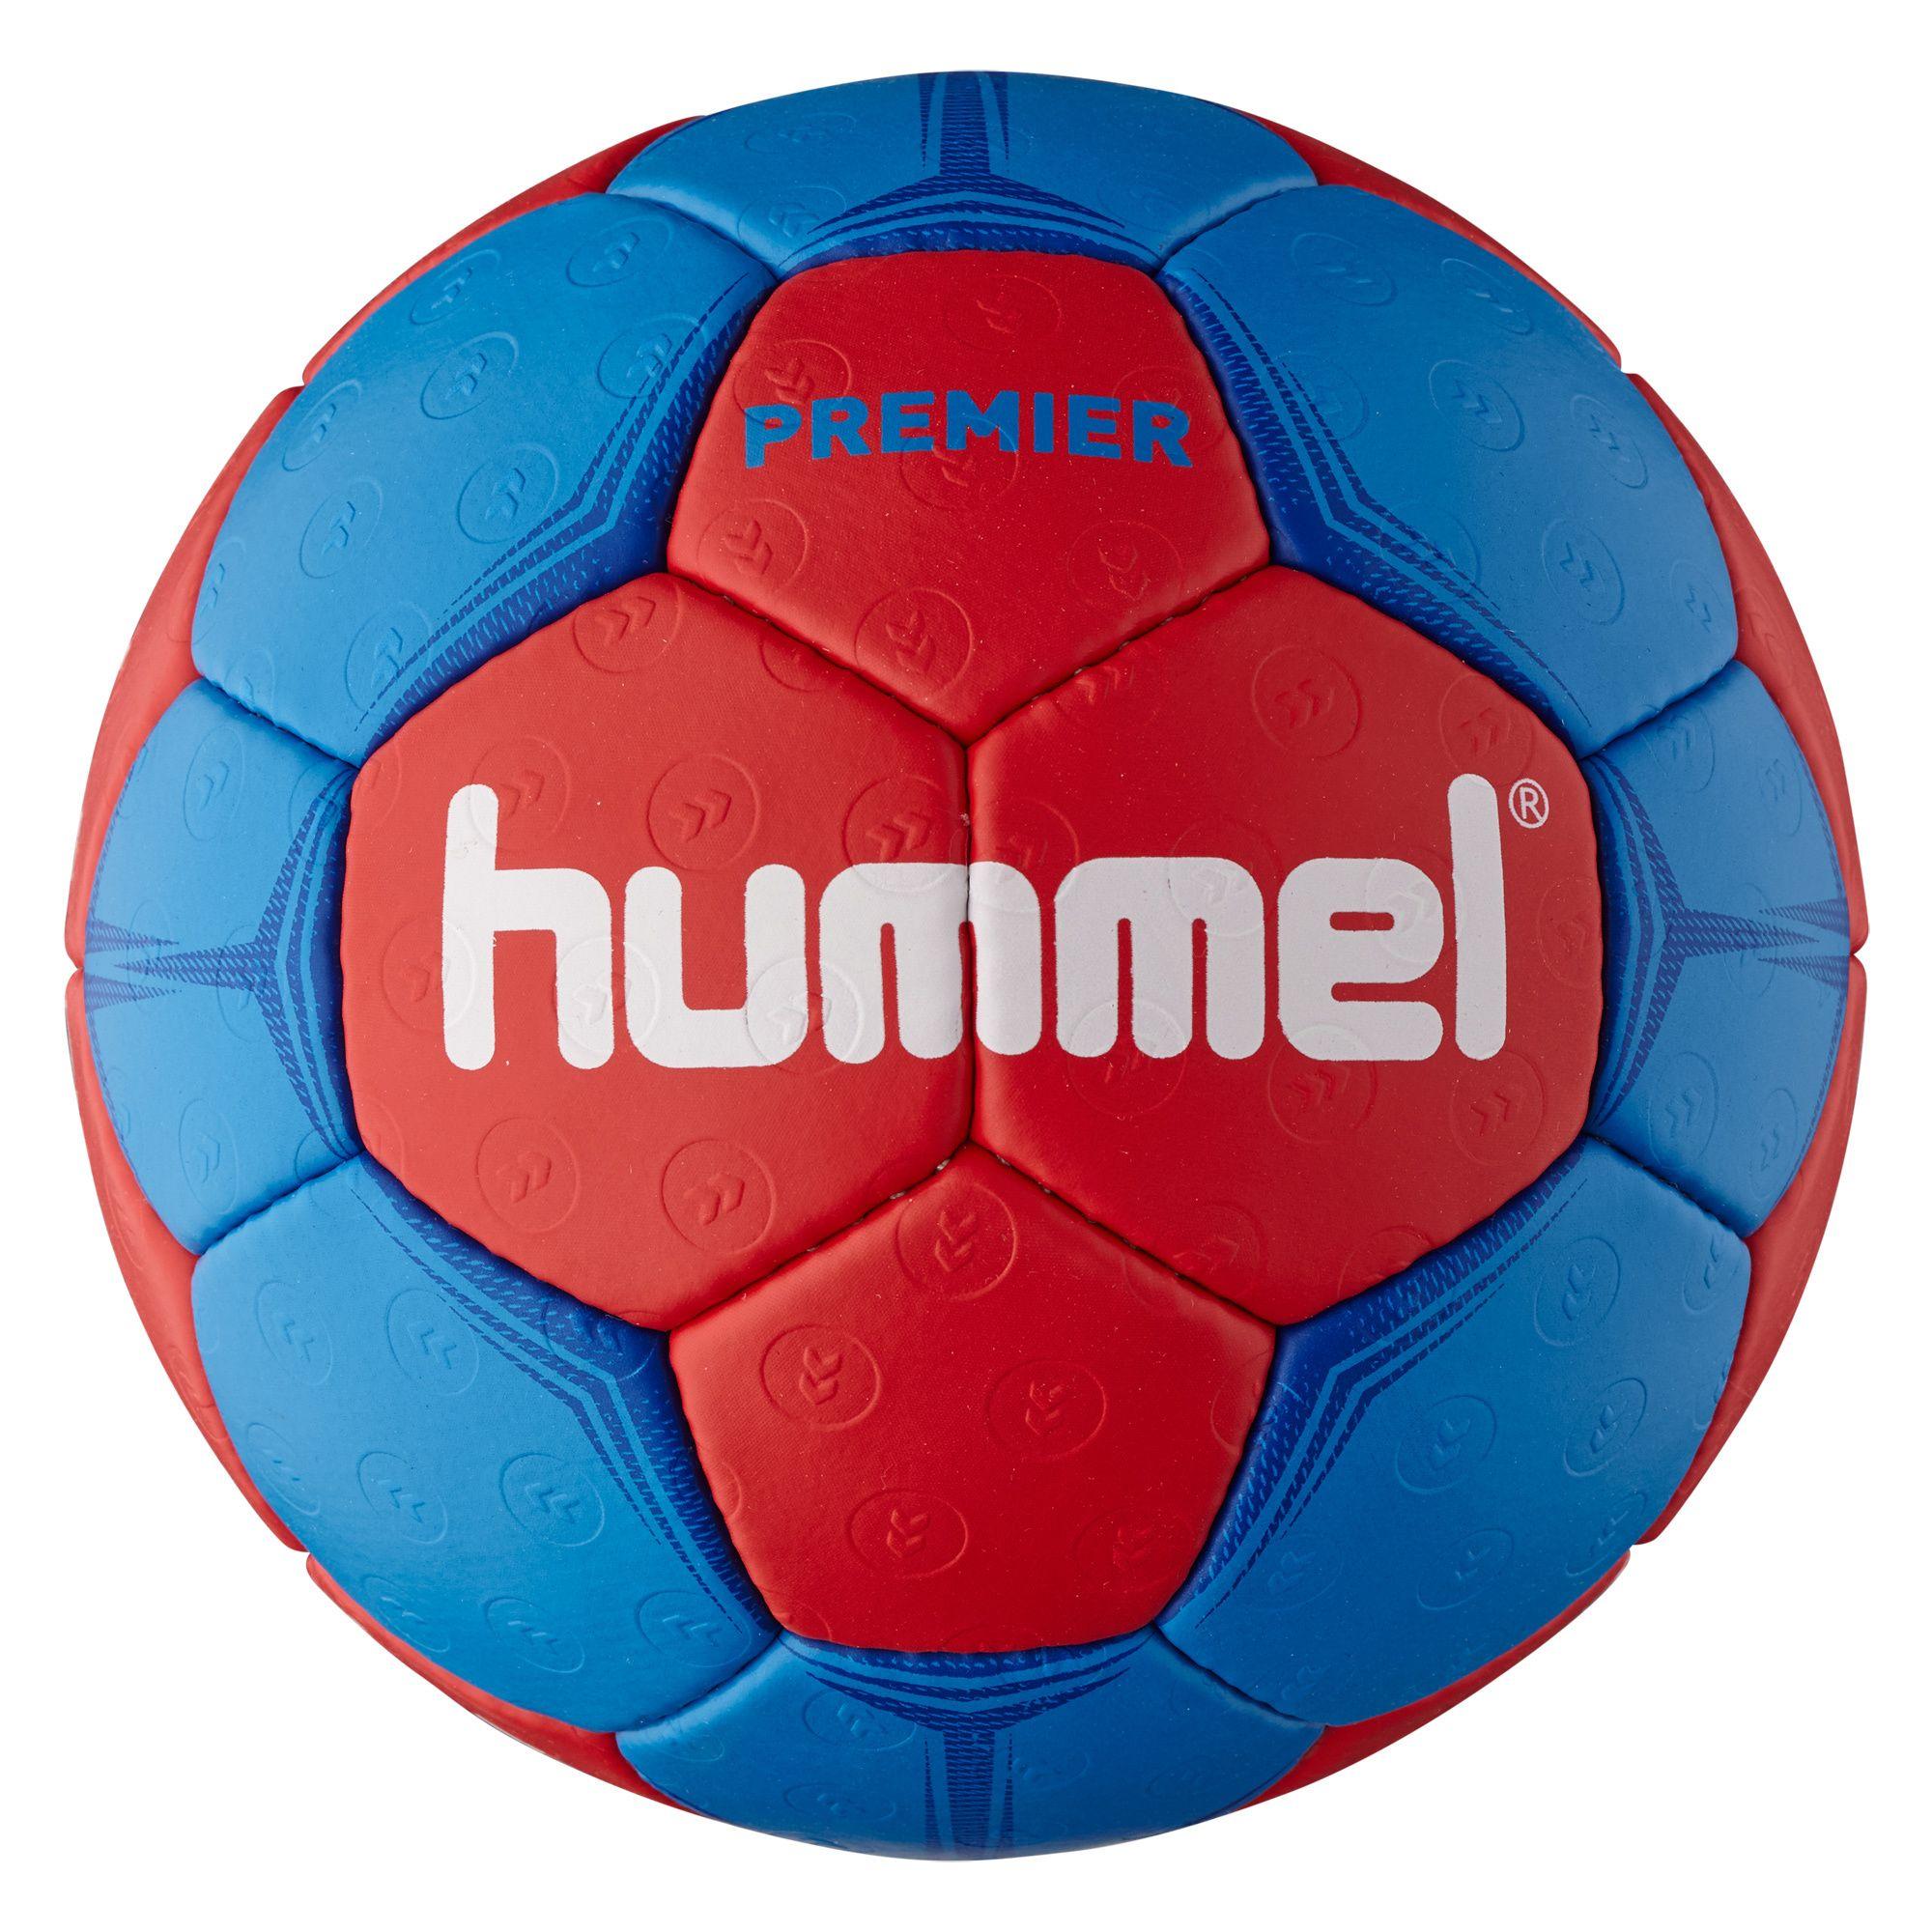 HUMMEL Hummel Premier Handball 2016